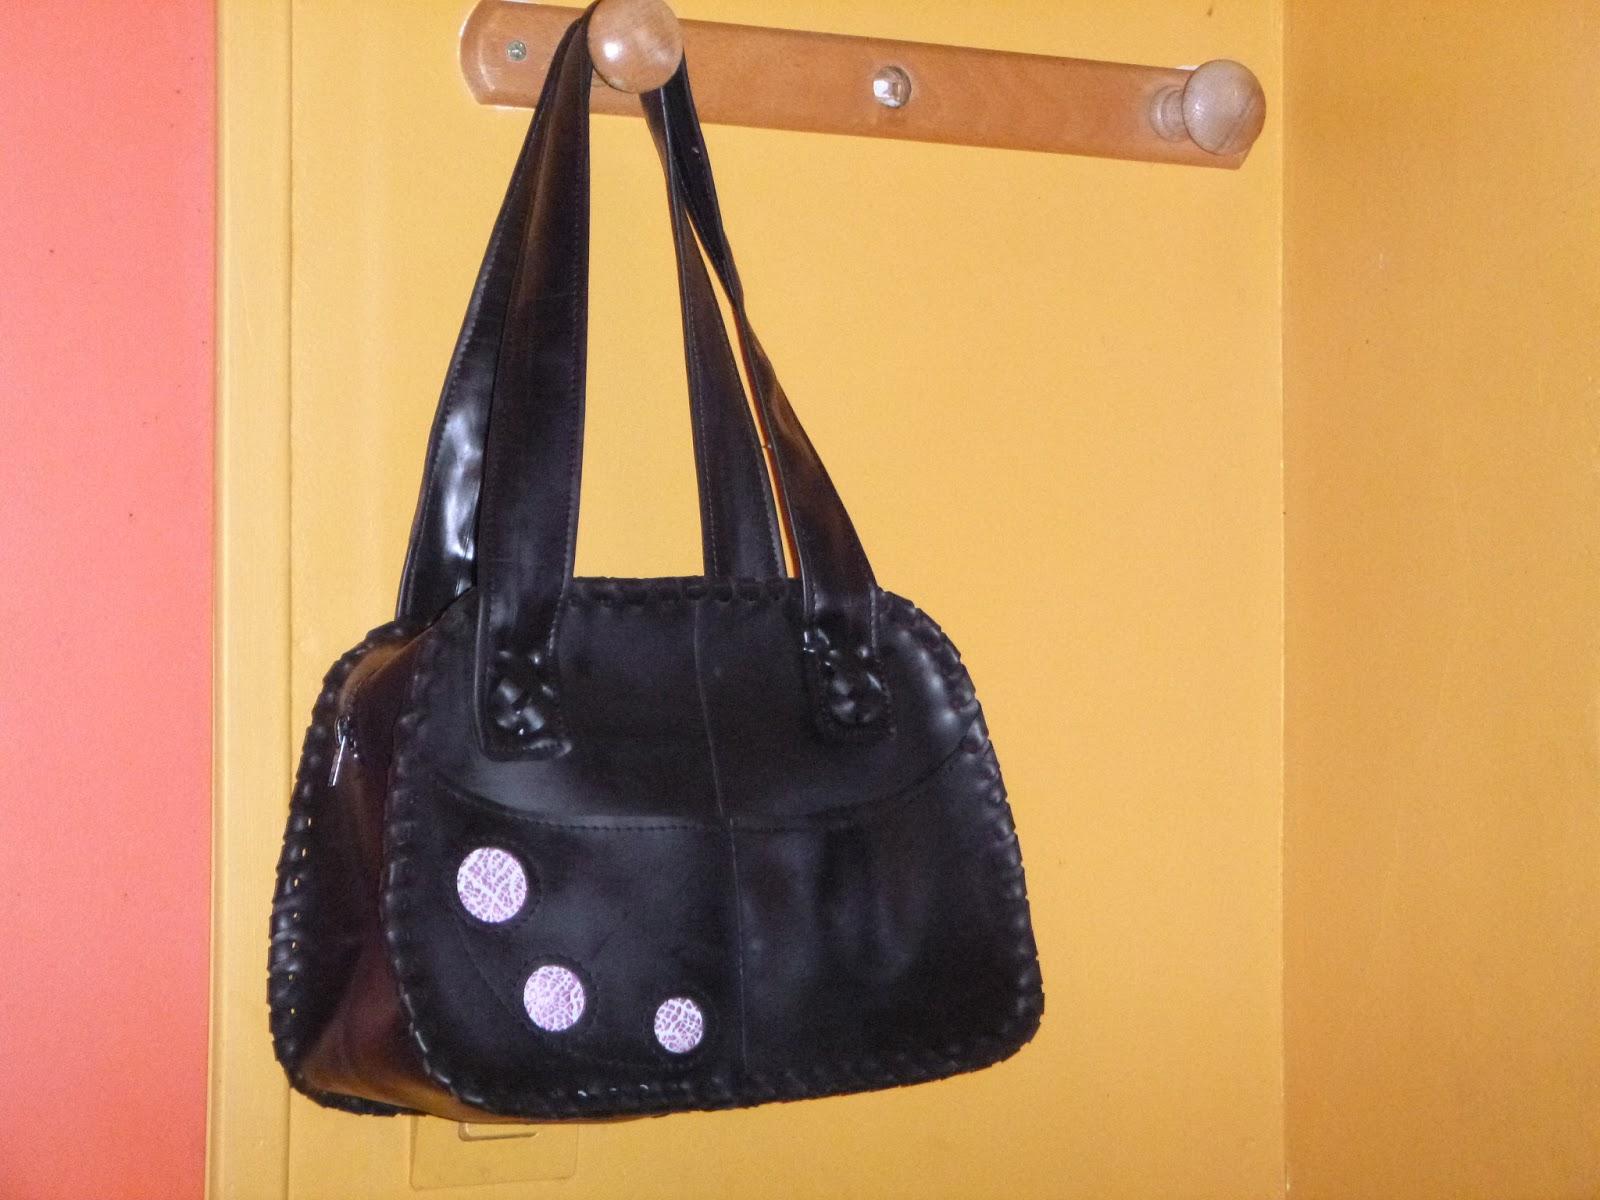 Des nouvaux sacs en chambre air les sacs de lucie cr ation de sacs en chambre air ou - Sac a main chambre a air ...